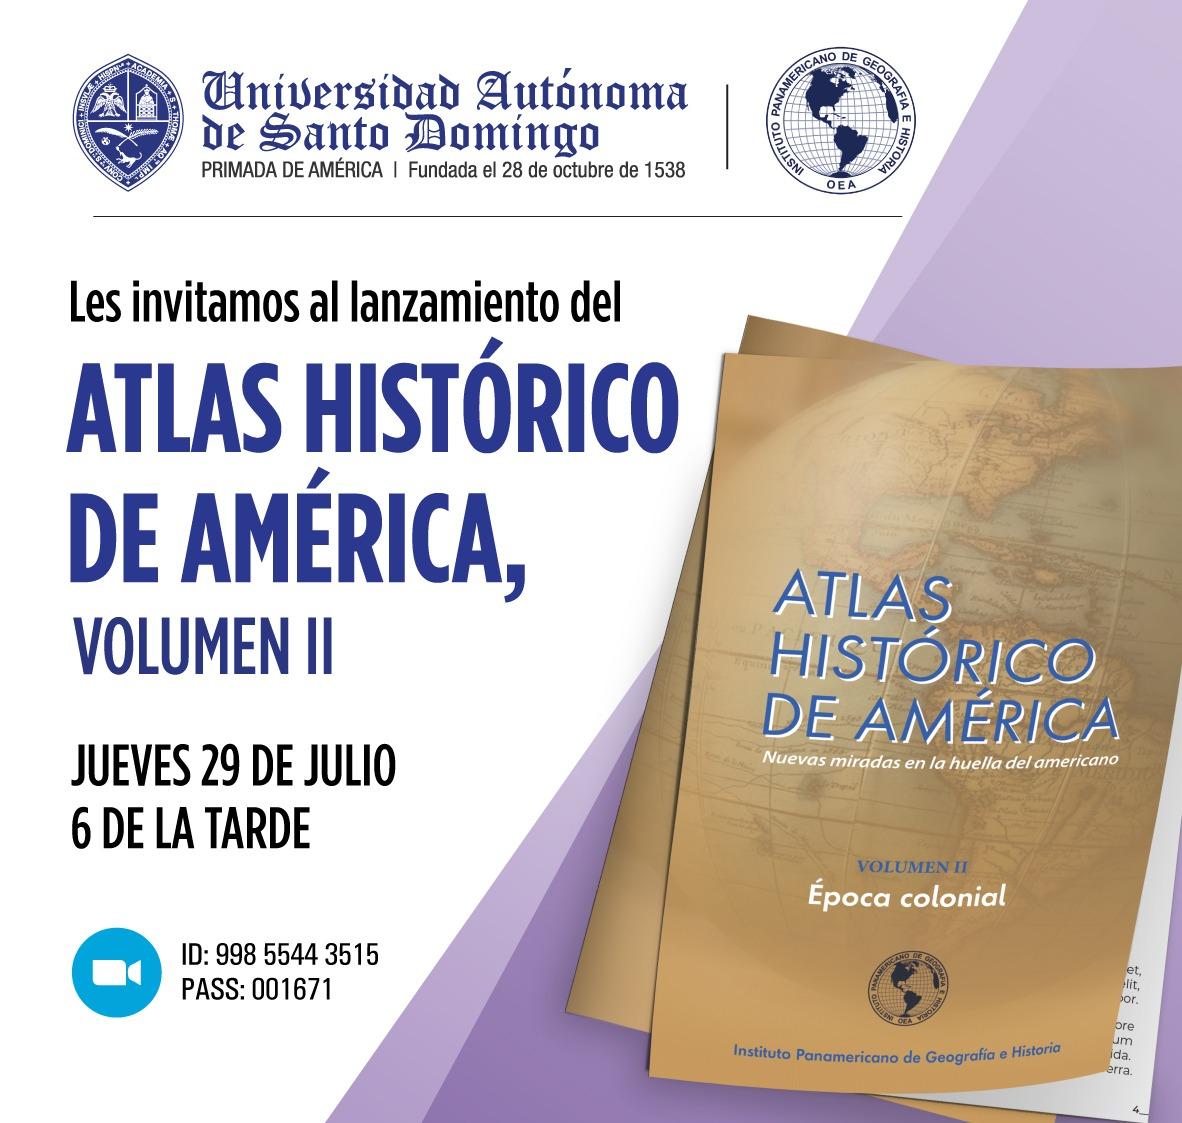 LANZAMIENTO ATLAS HISTOÌRICO 29 07 2021